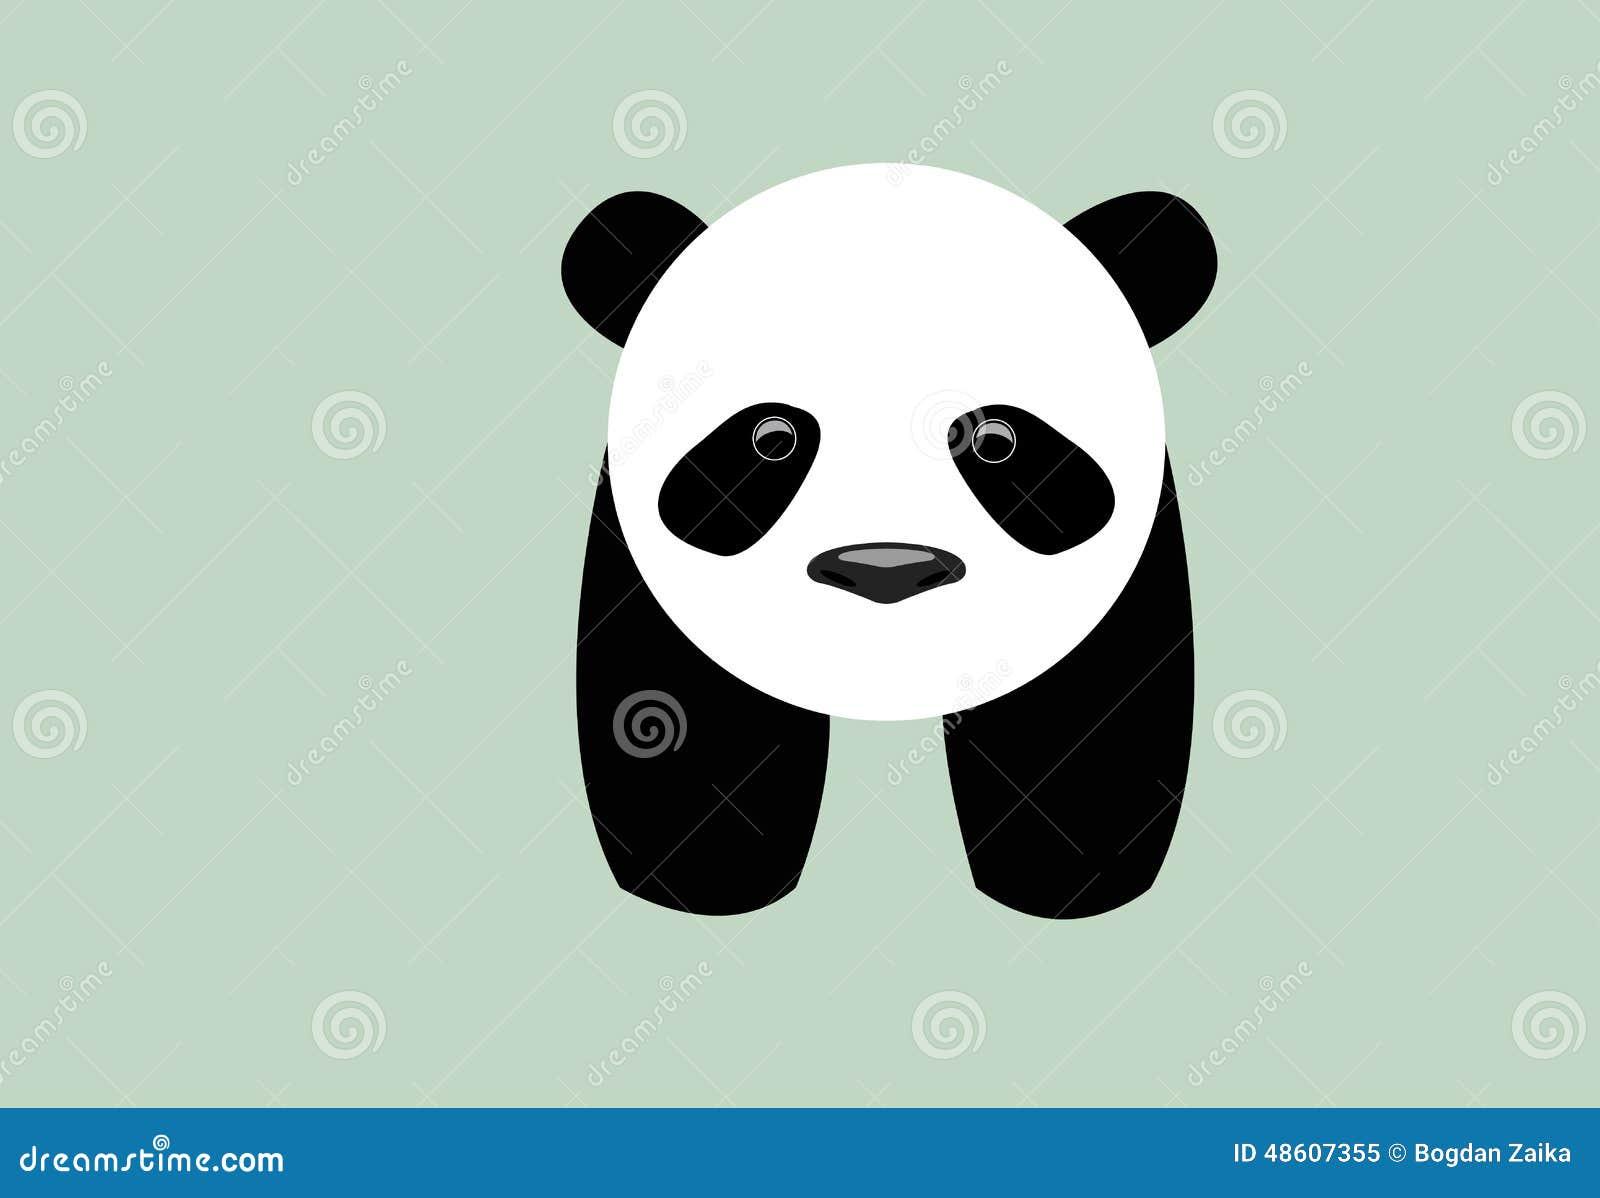 逗人喜爱的小的小熊猫有淡色背景.图片